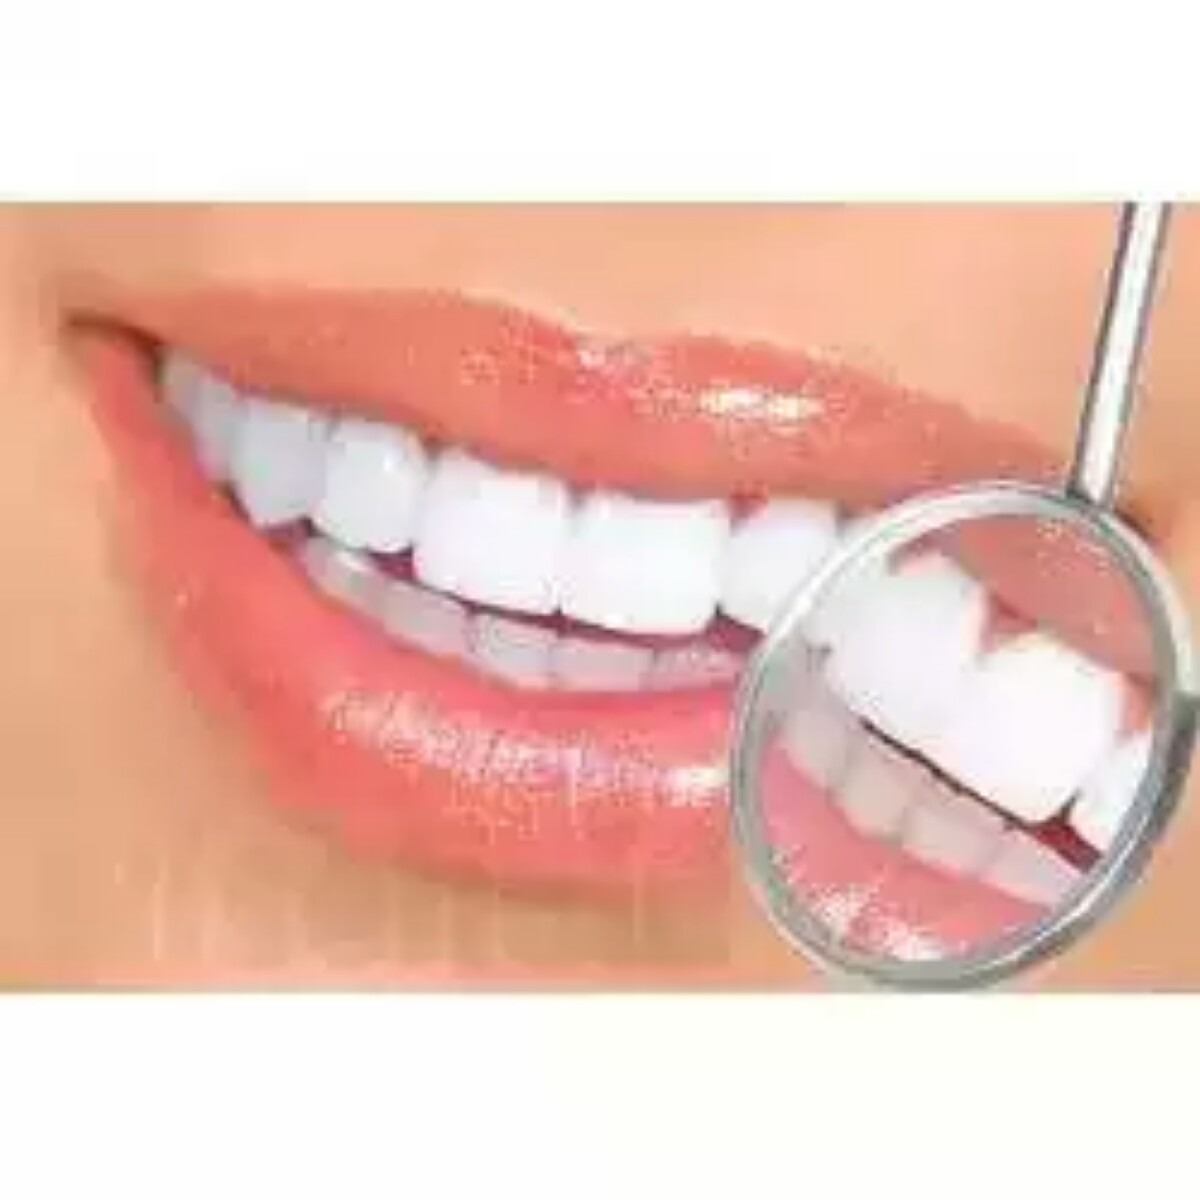 Clareador De Dentes Brancos Caneta Clarear Branqueadora Pen R 24